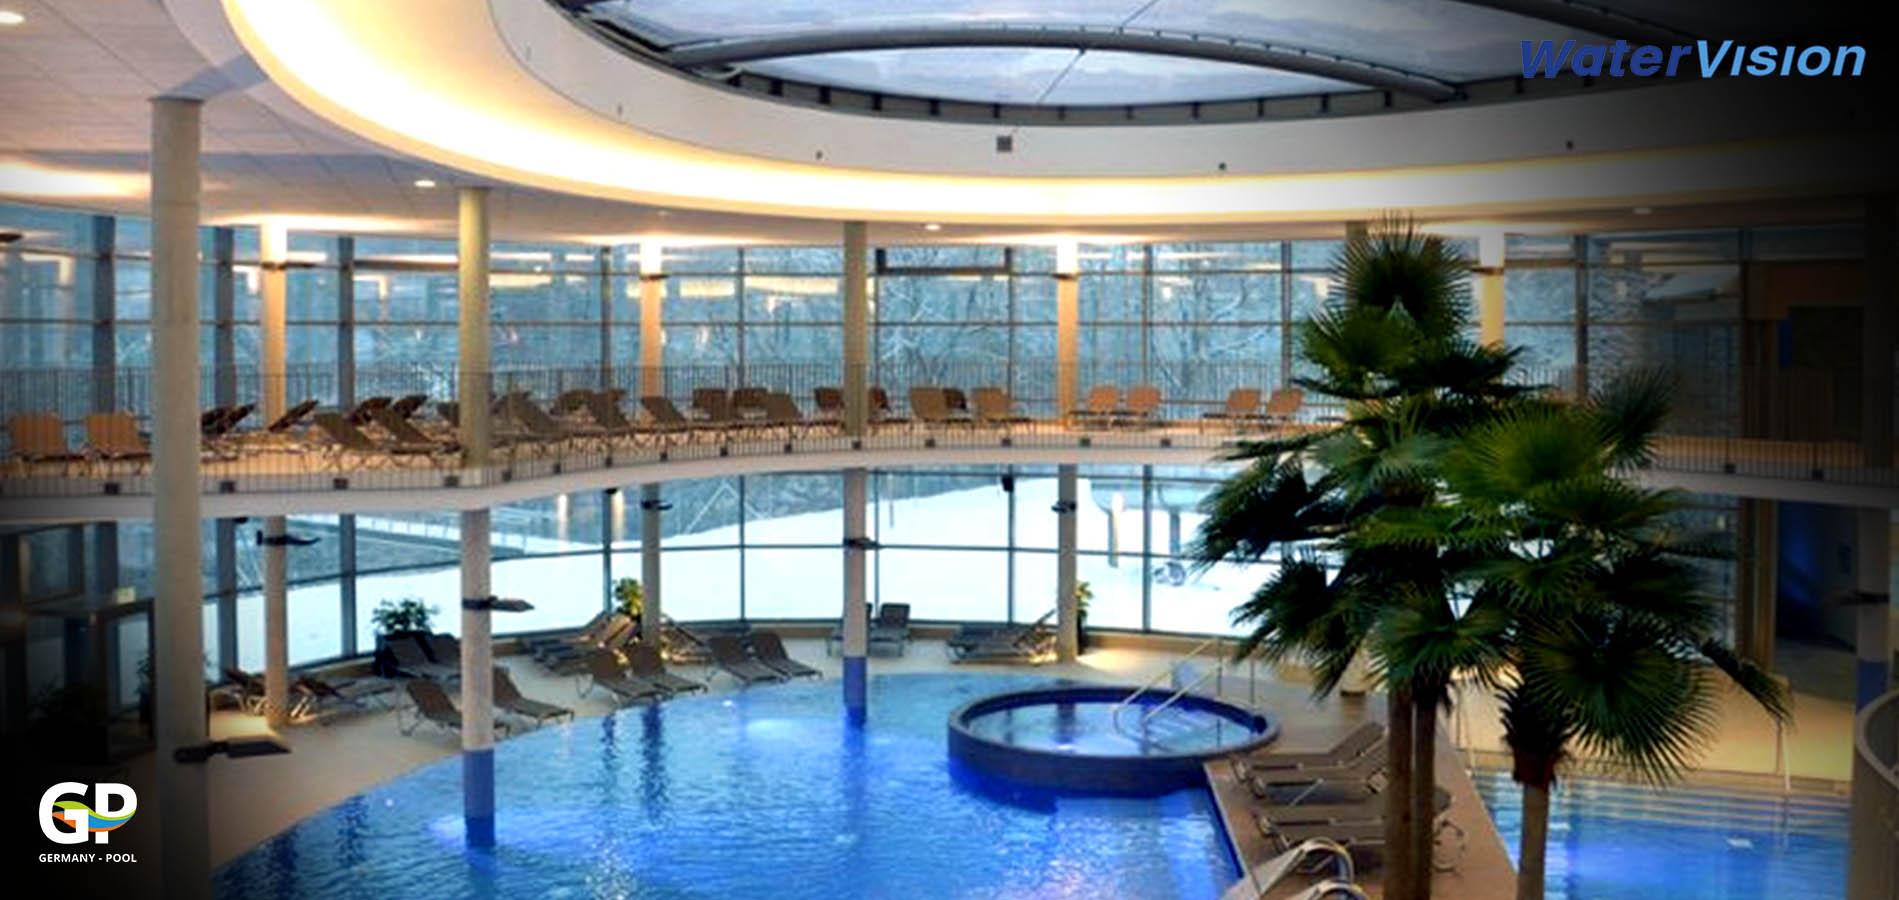 Светодиодное освещение для помещений с бассейнами 12